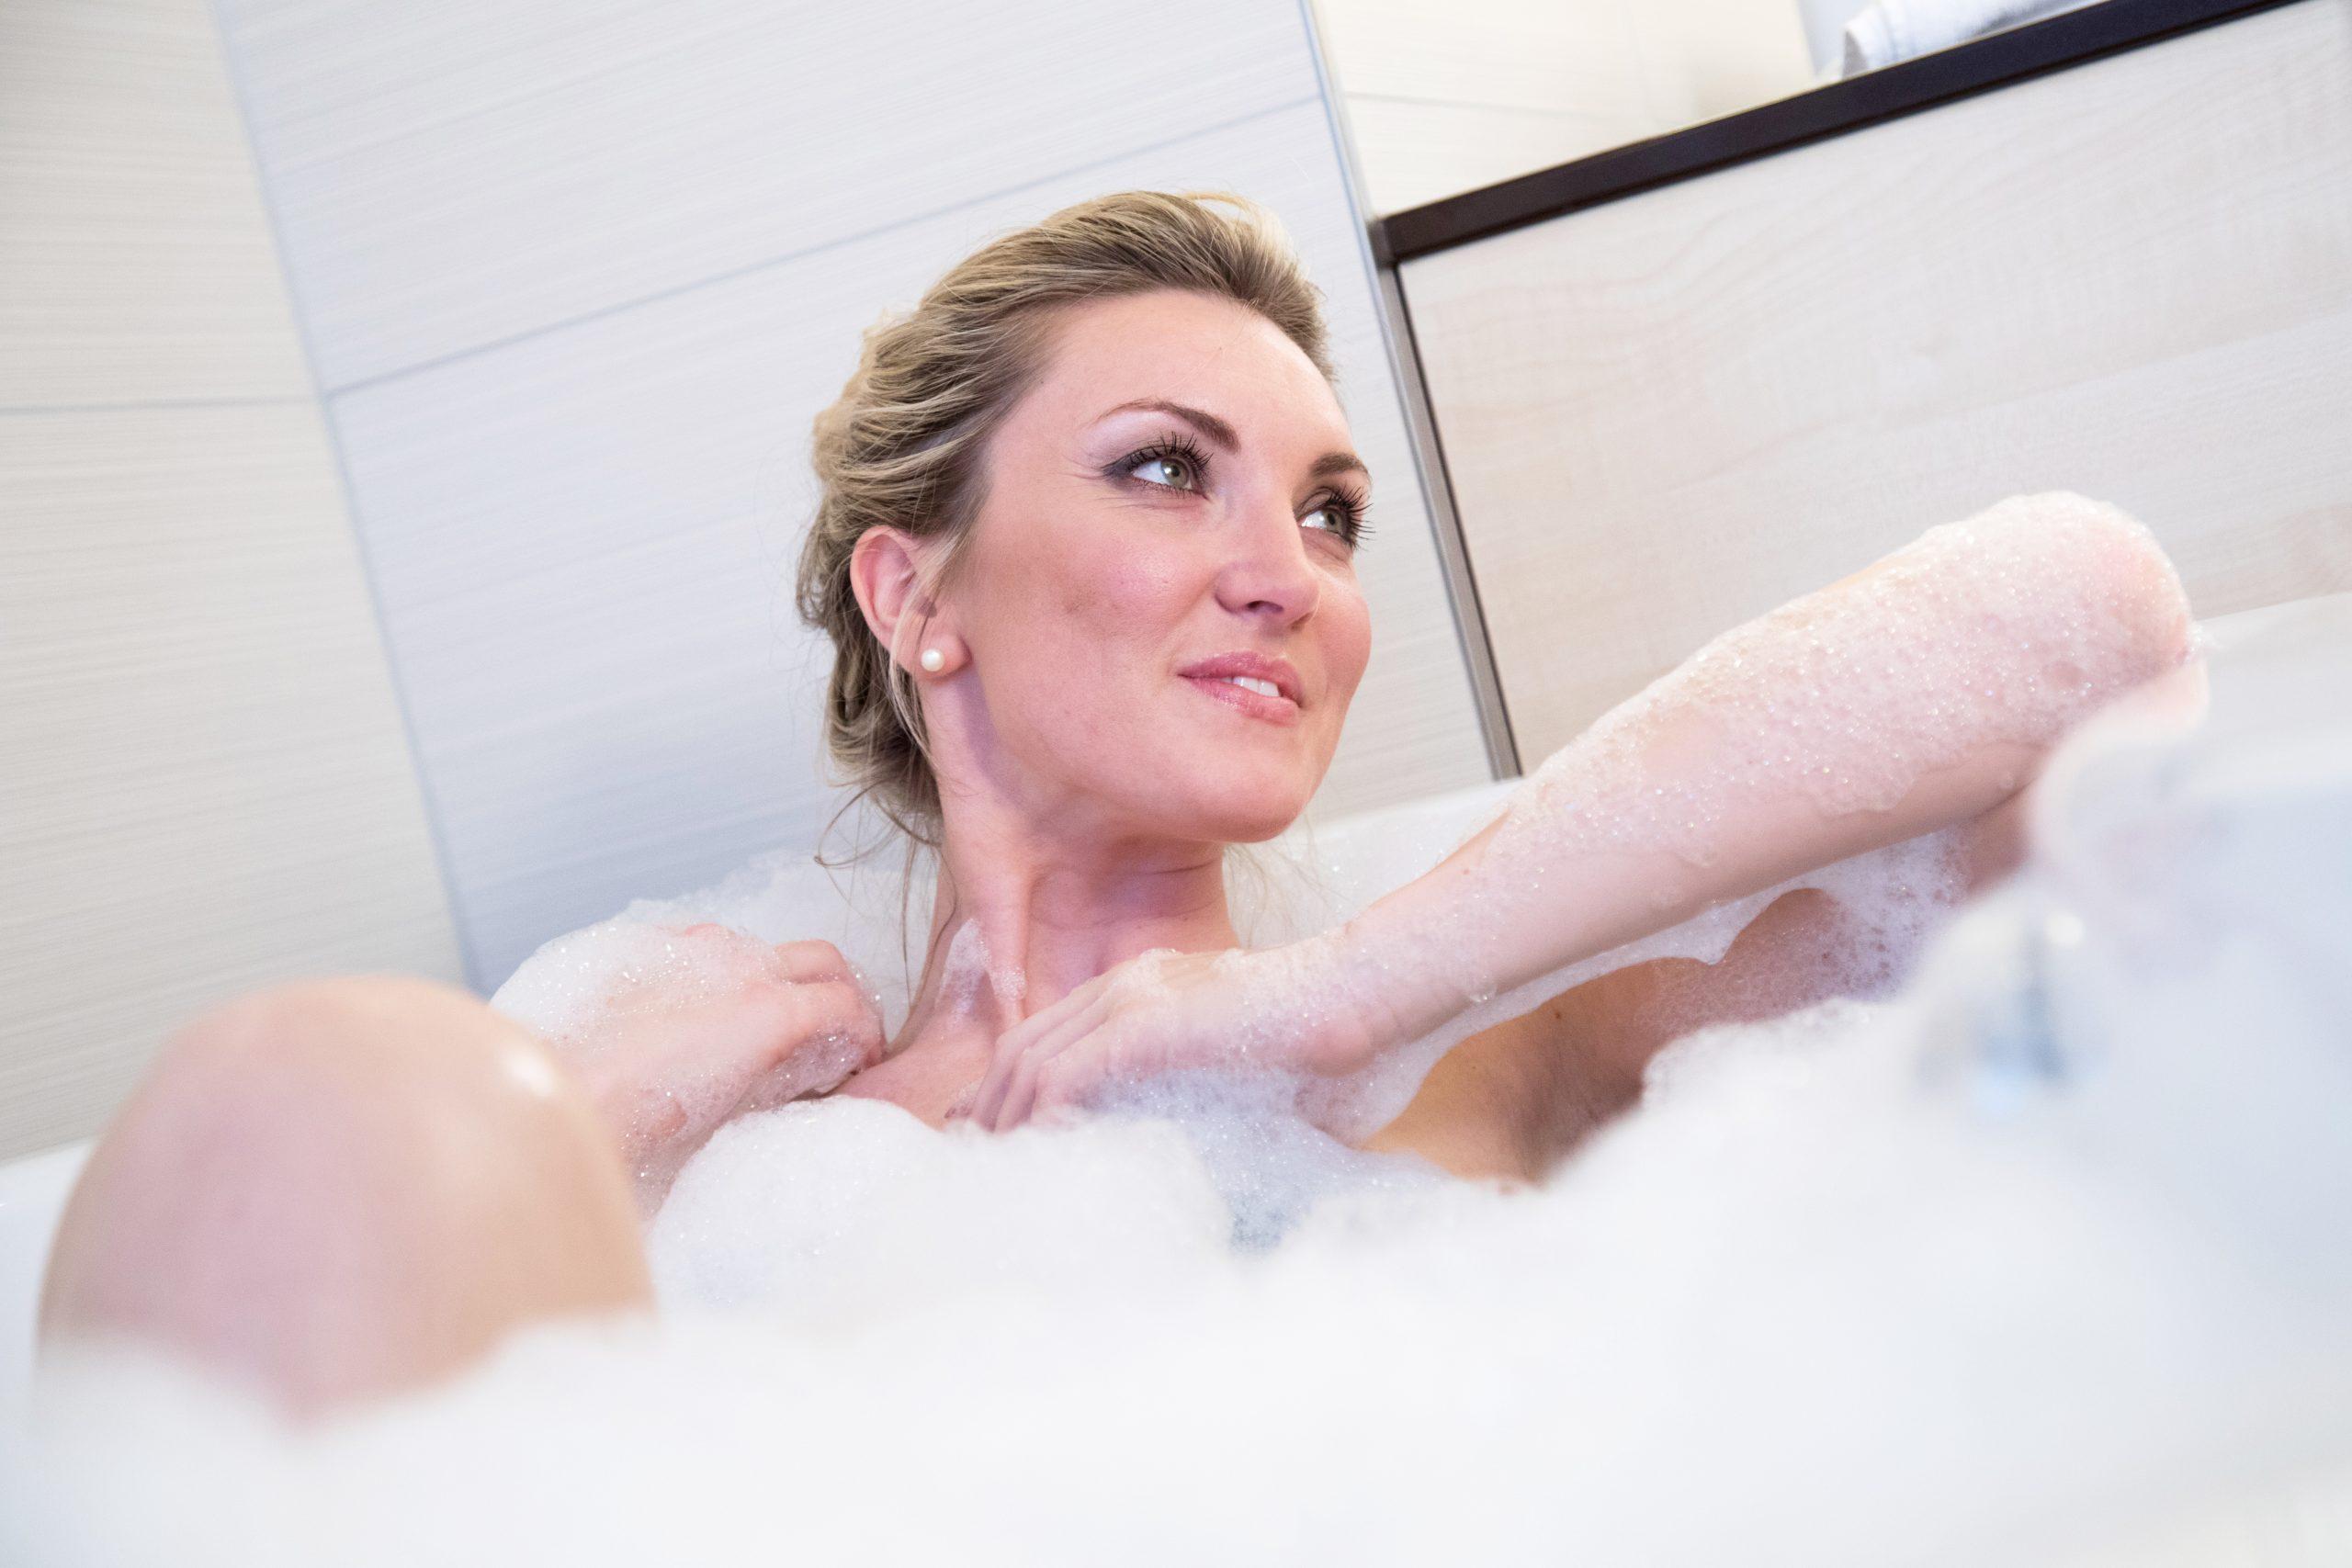 El baño de inmersión, una rutina beneficiosa para la salud